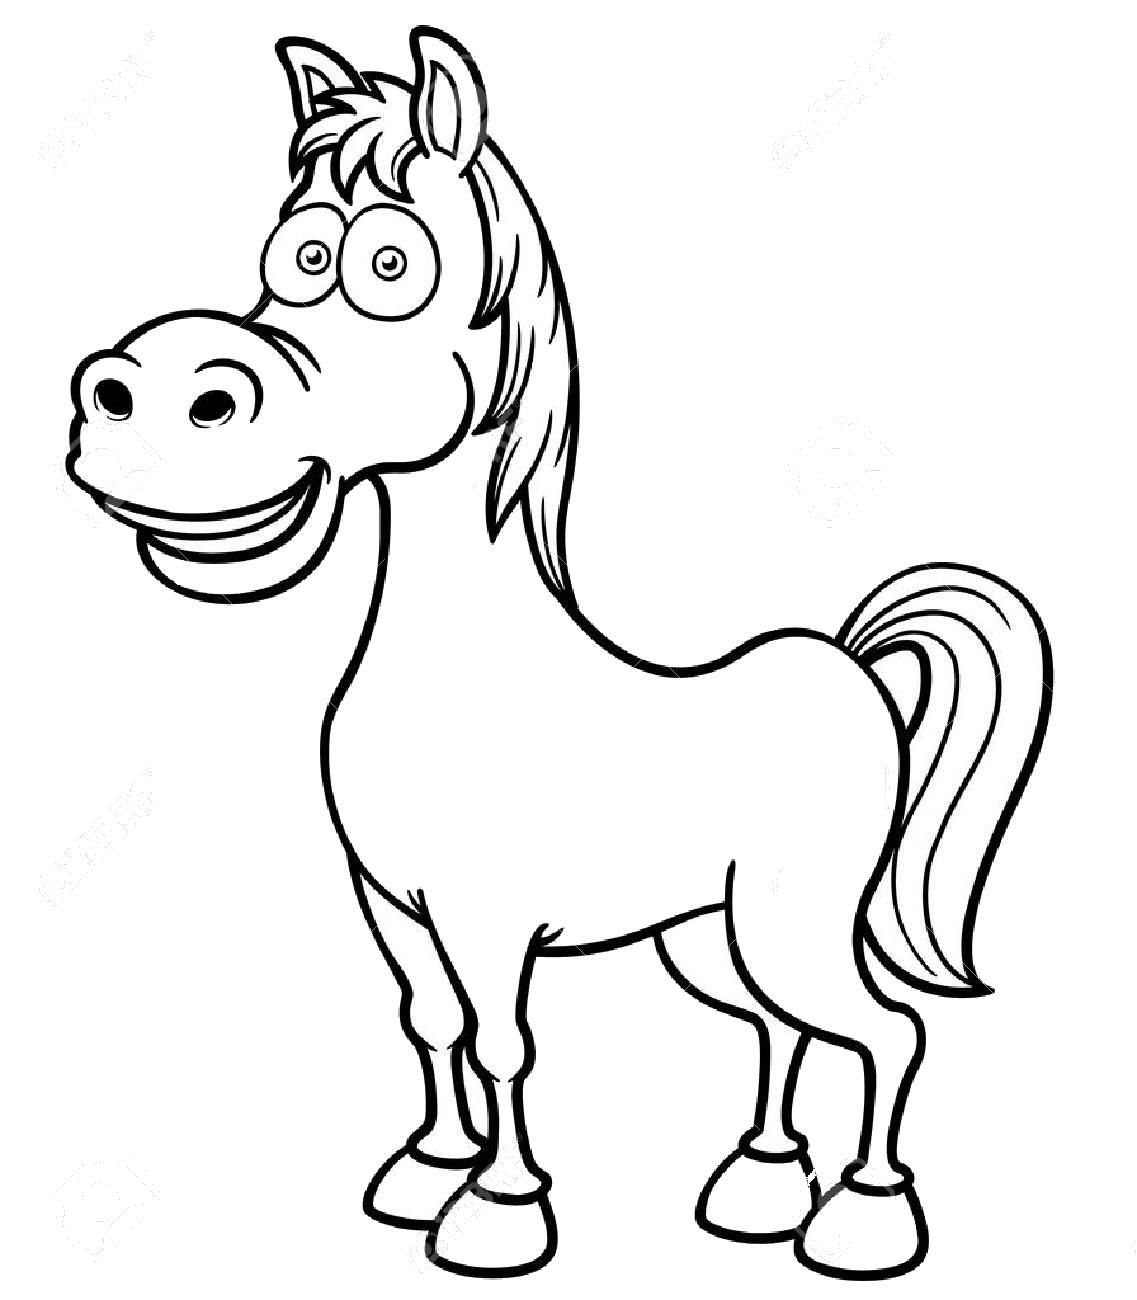 Tranh tô màu con ngựa hoạt hình đẹp nhất